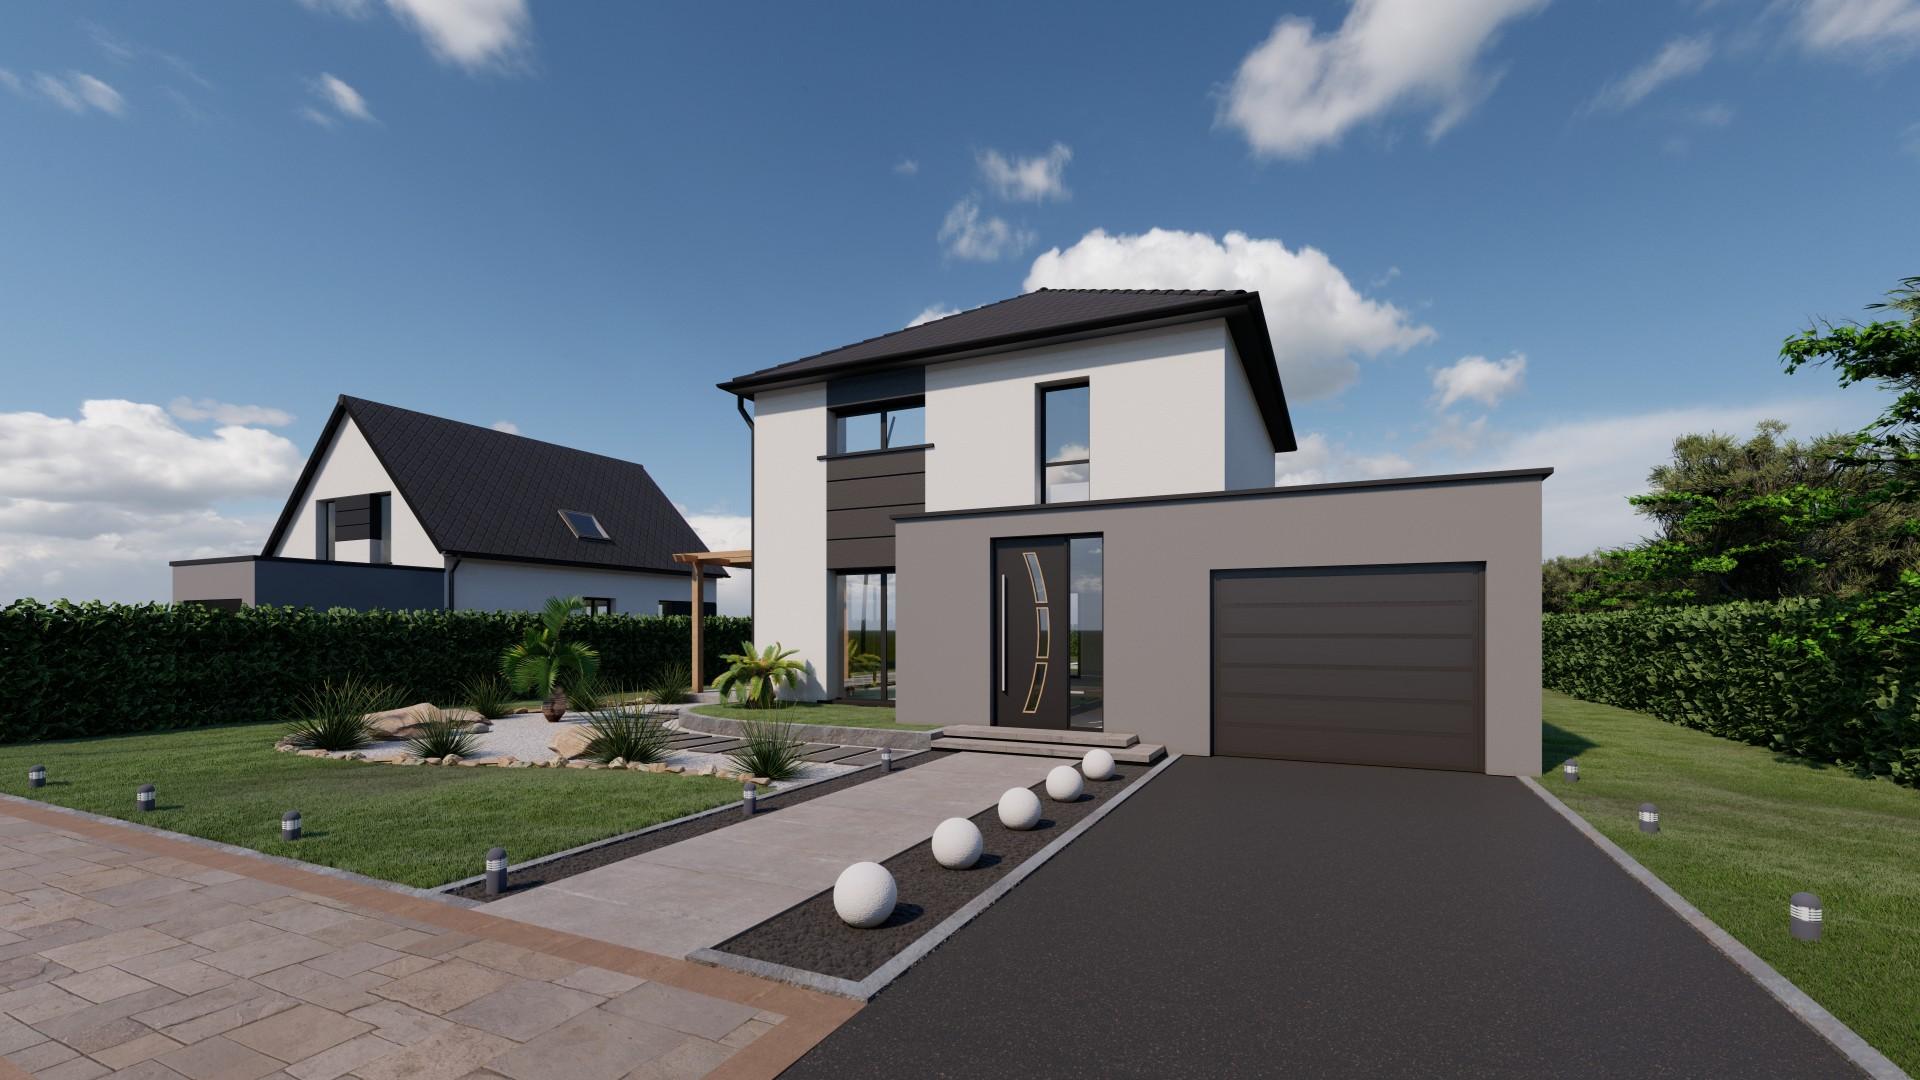 constructeur-maison-Alsamaison-53